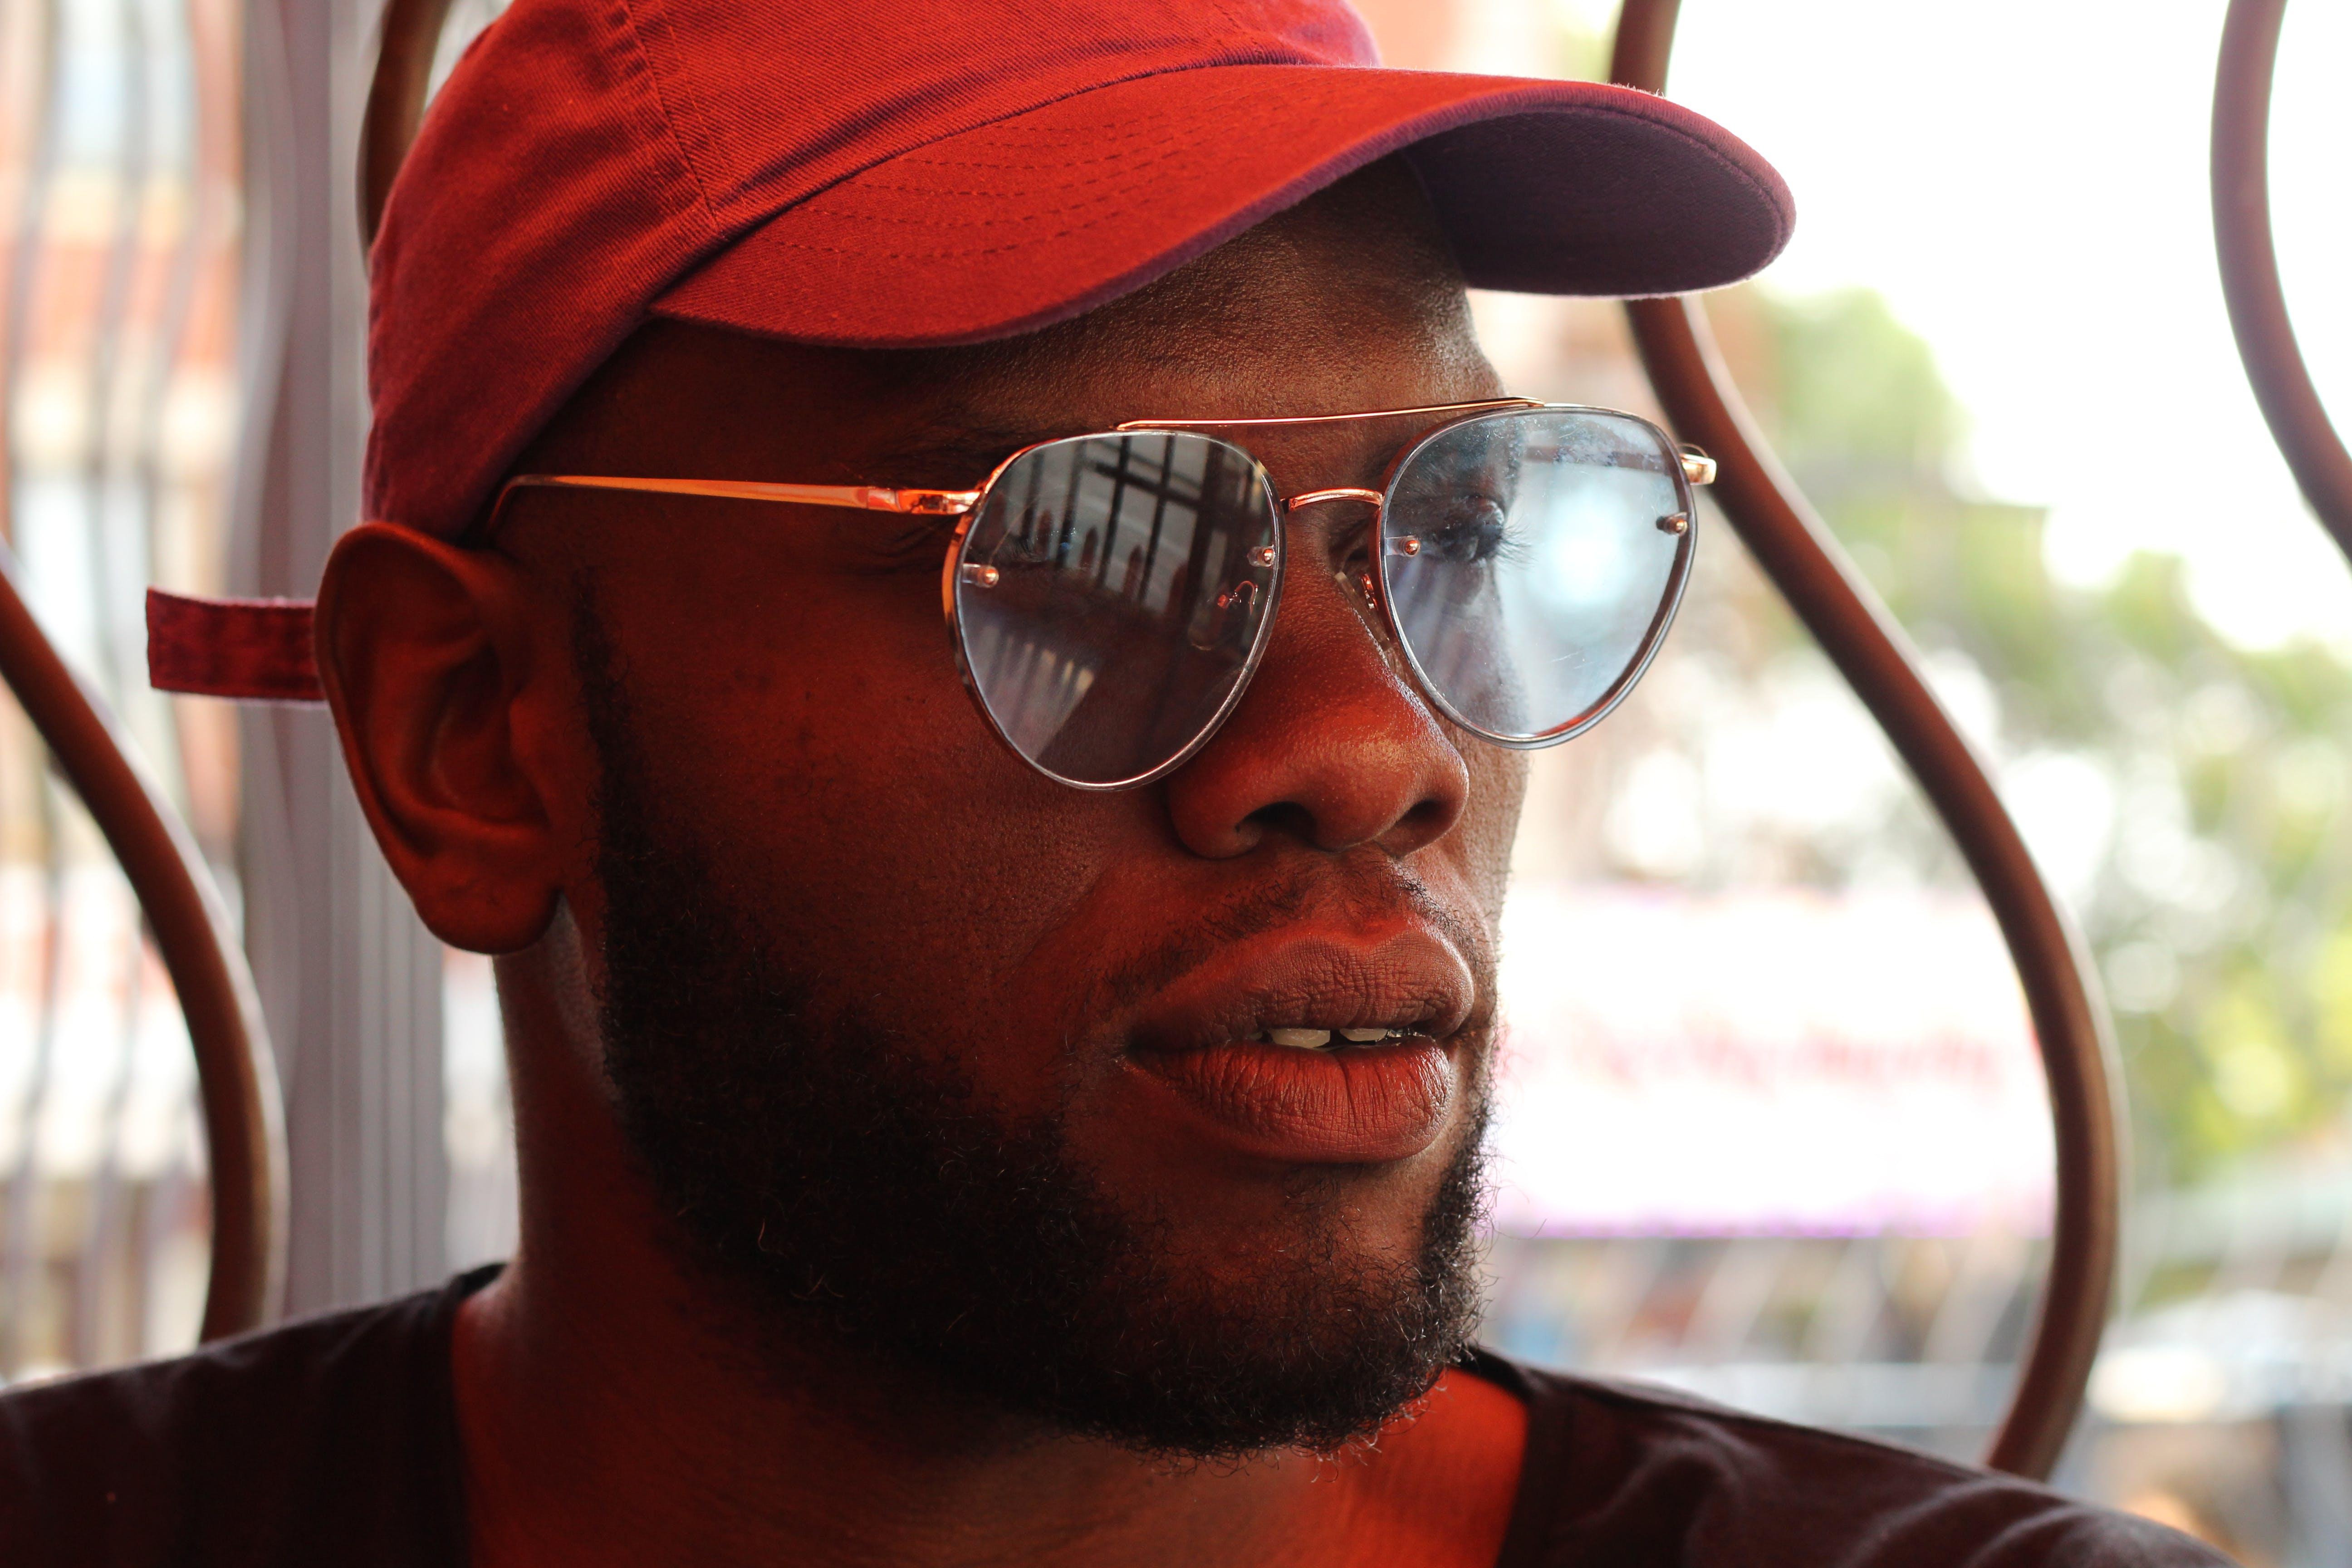 Men's Gold-framed Sunglasses